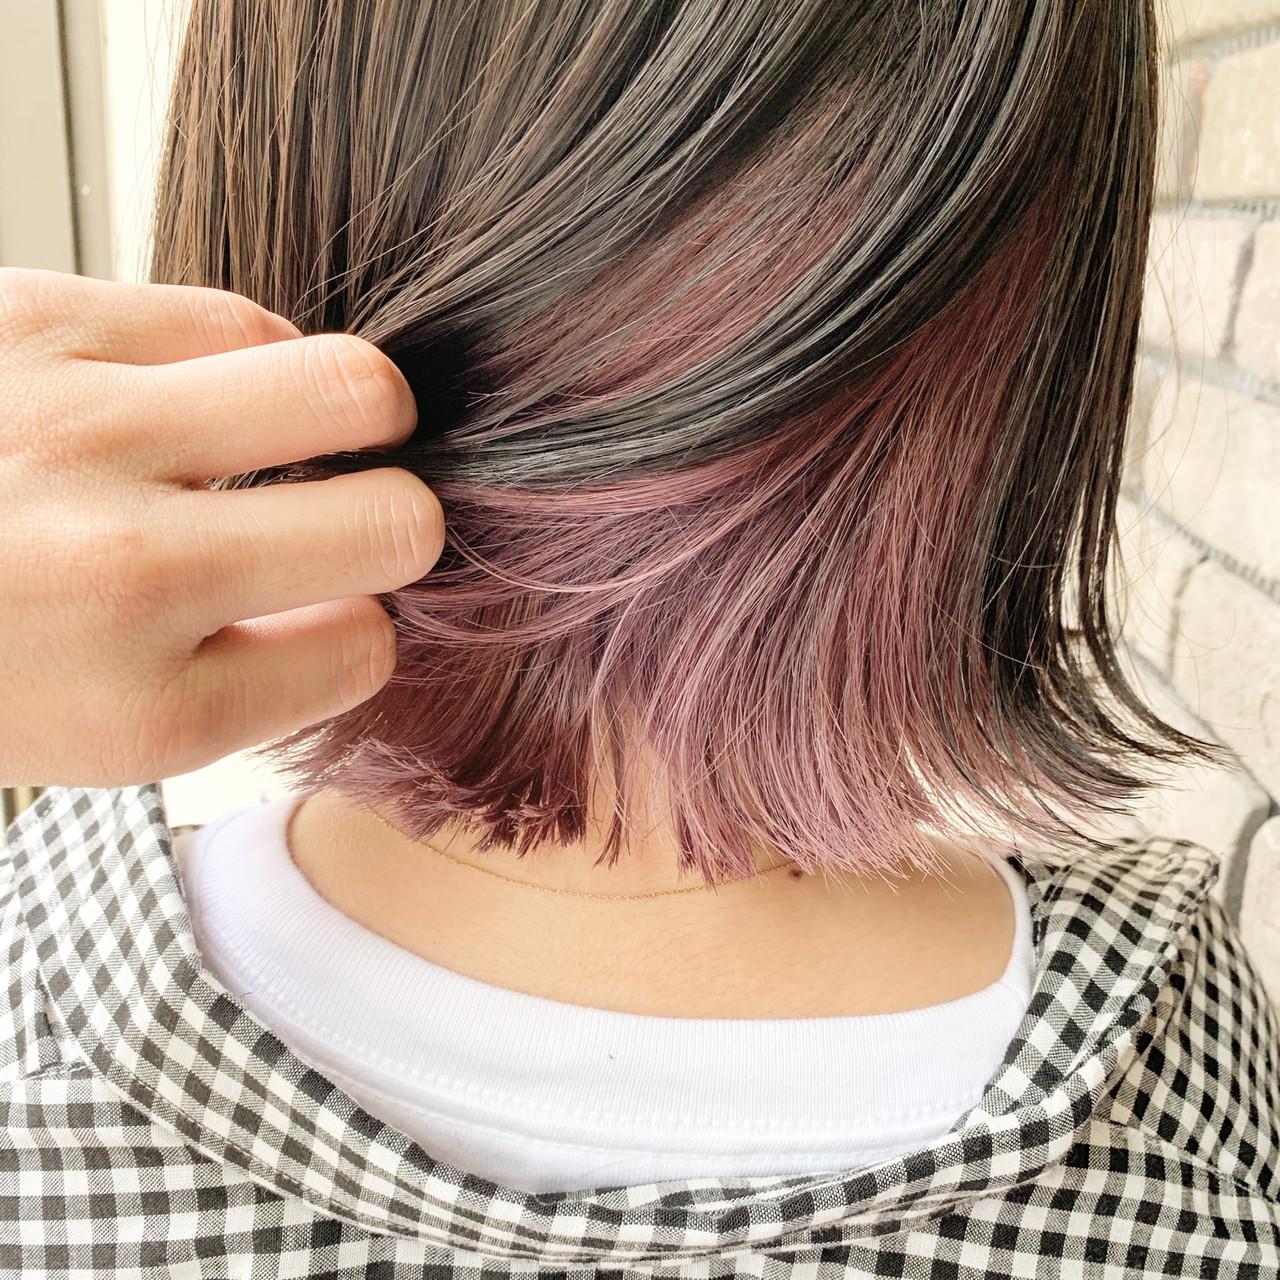 ボブ ストリート インナーカラー グレージュ ヘアスタイルや髪型の写真・画像 | 谷川 健太 / ROVERSI